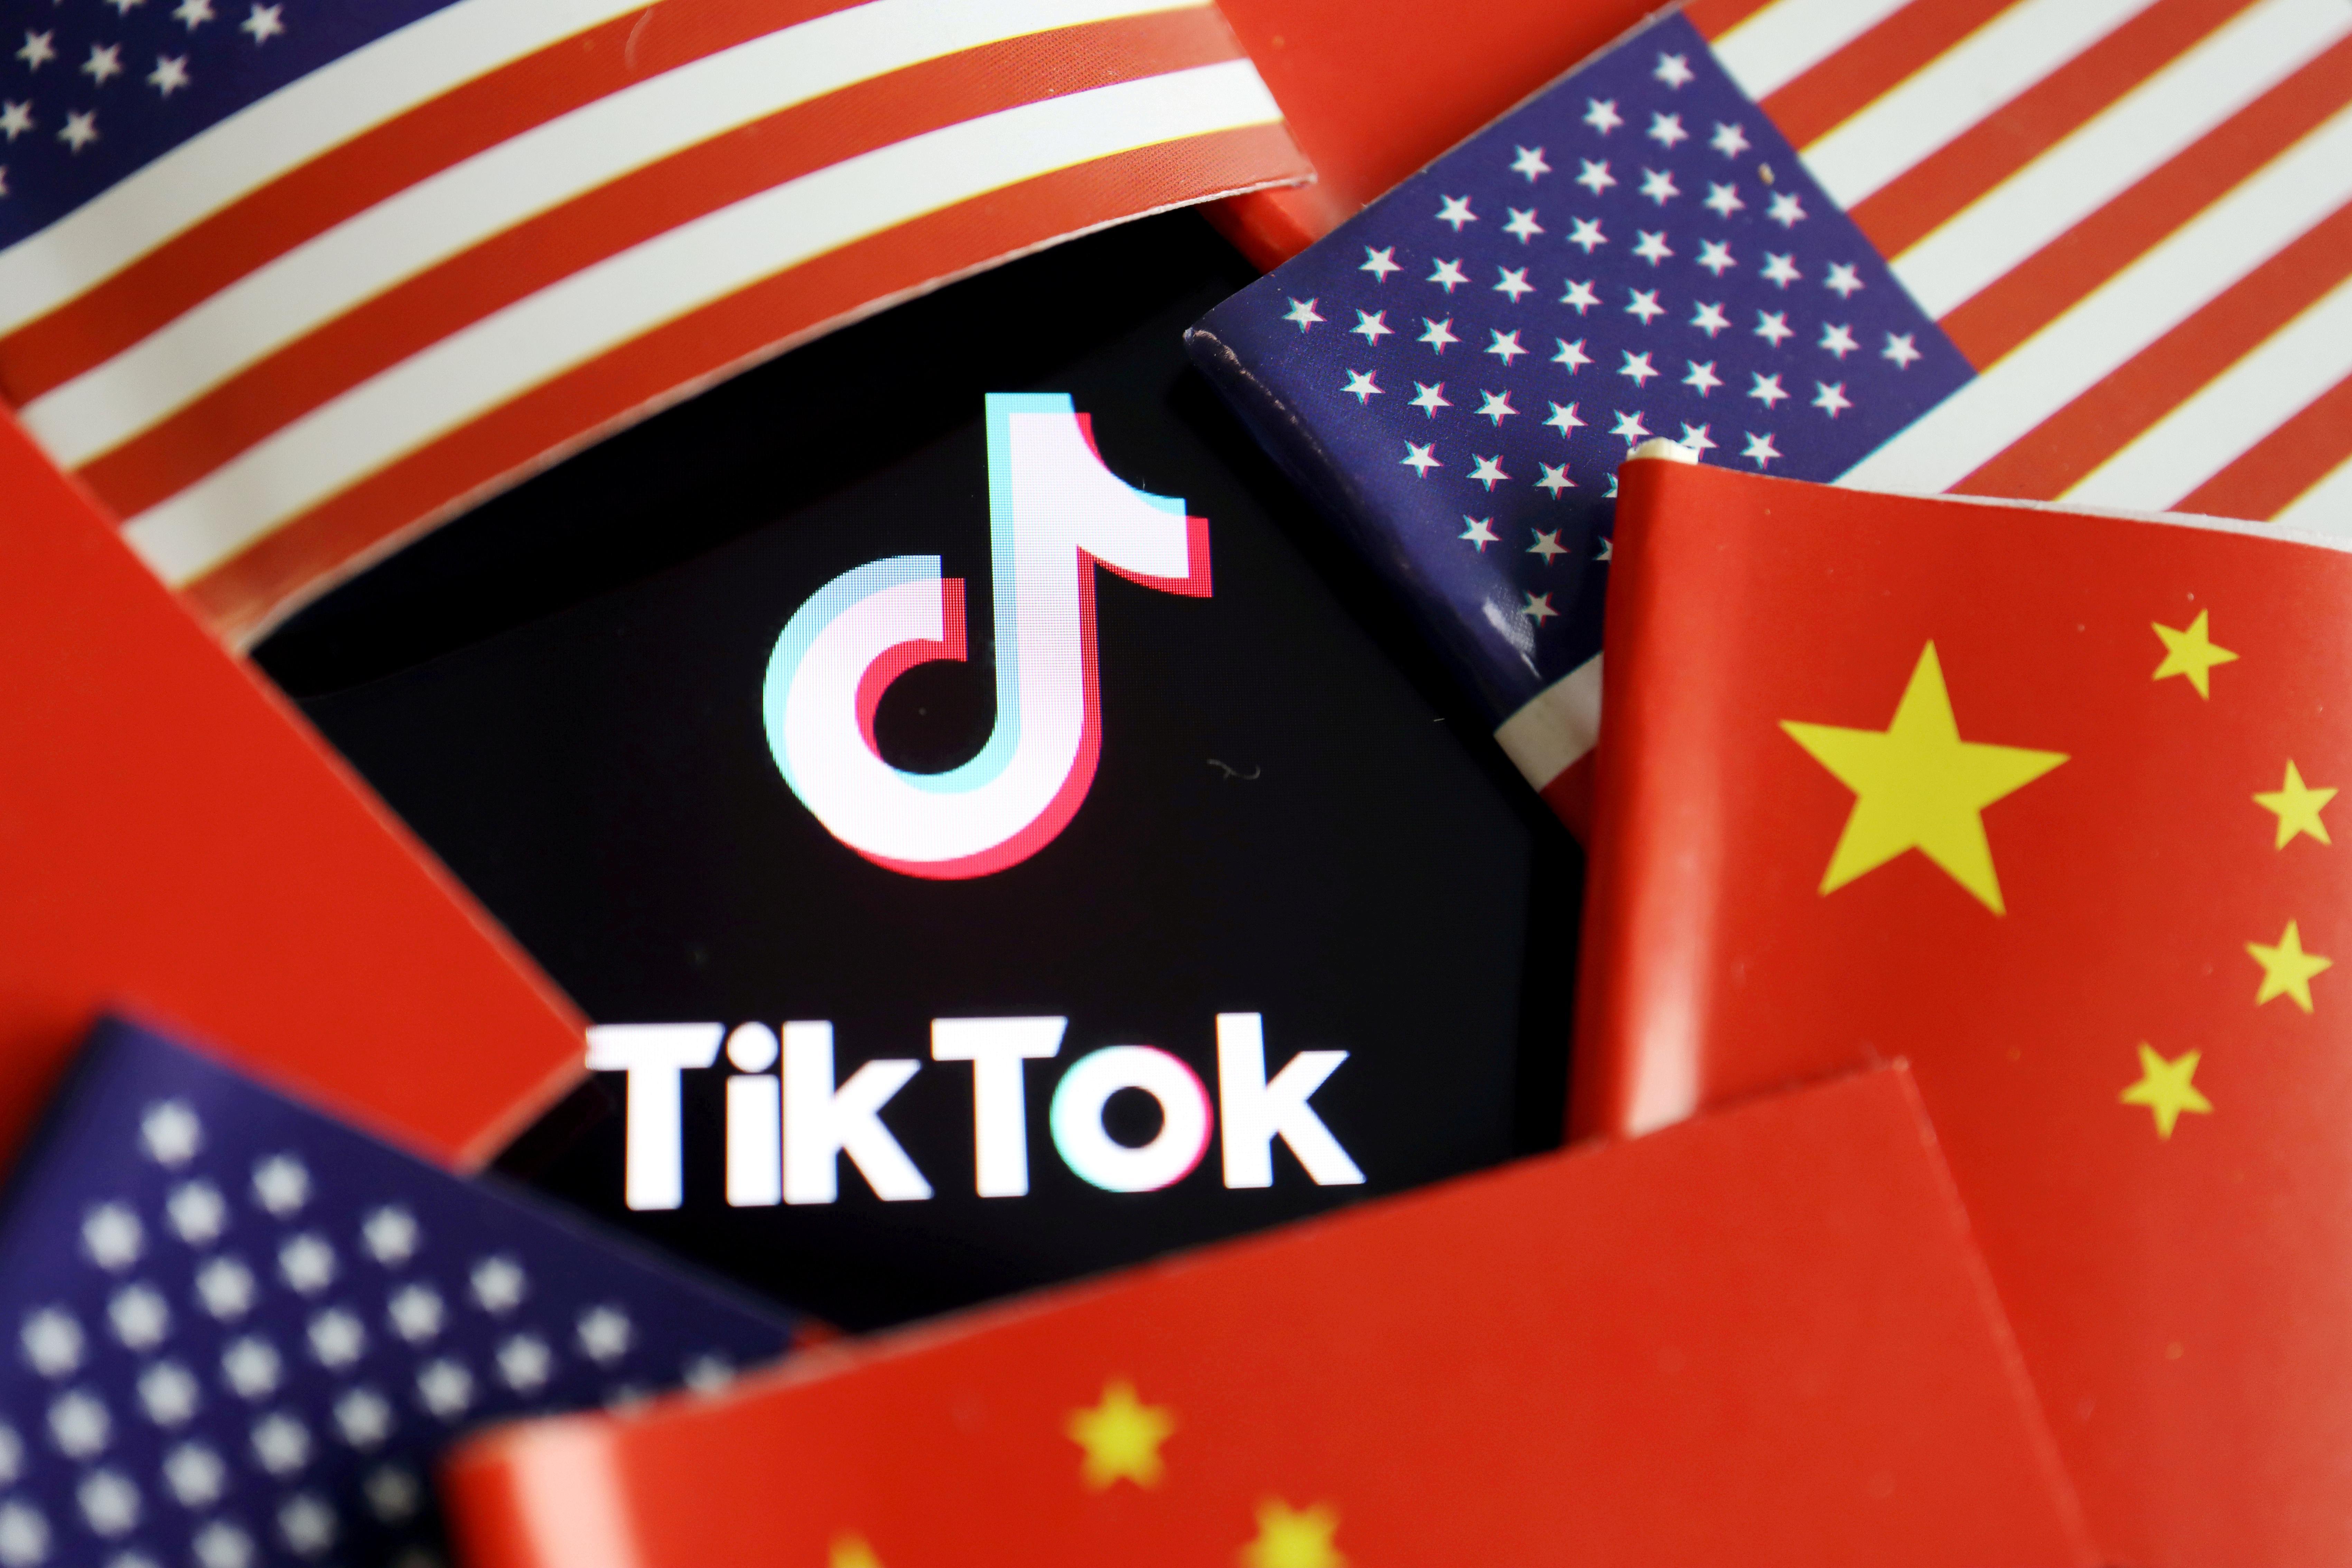 TikTok-Sperre: Jetzt schlägt China zurück